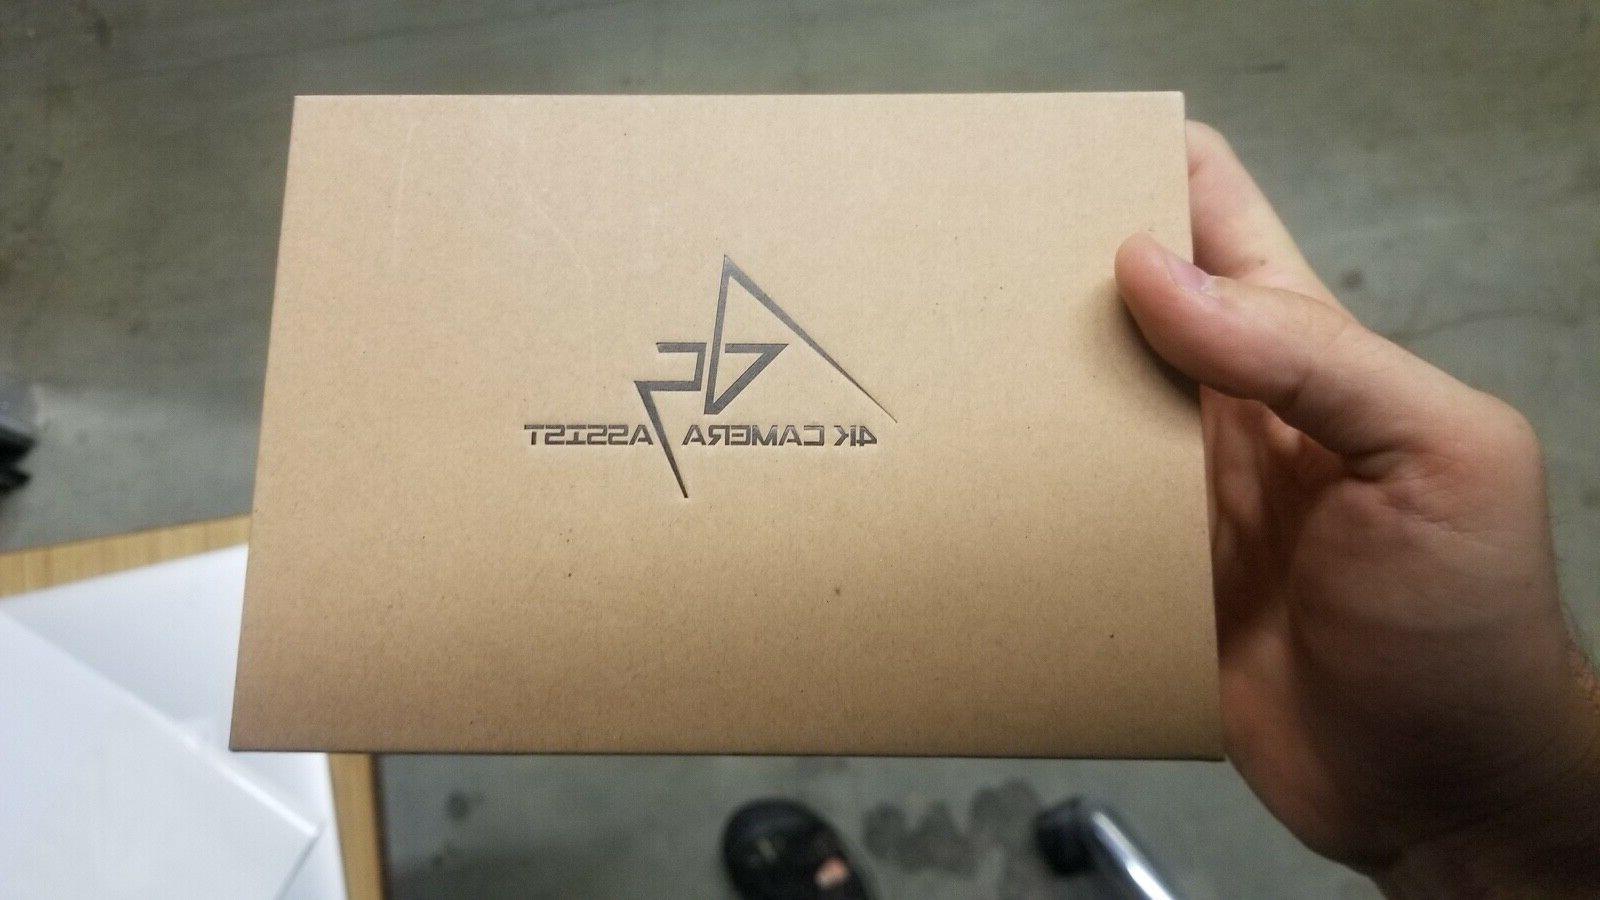 new in box a5 5 1920x1200 8bit